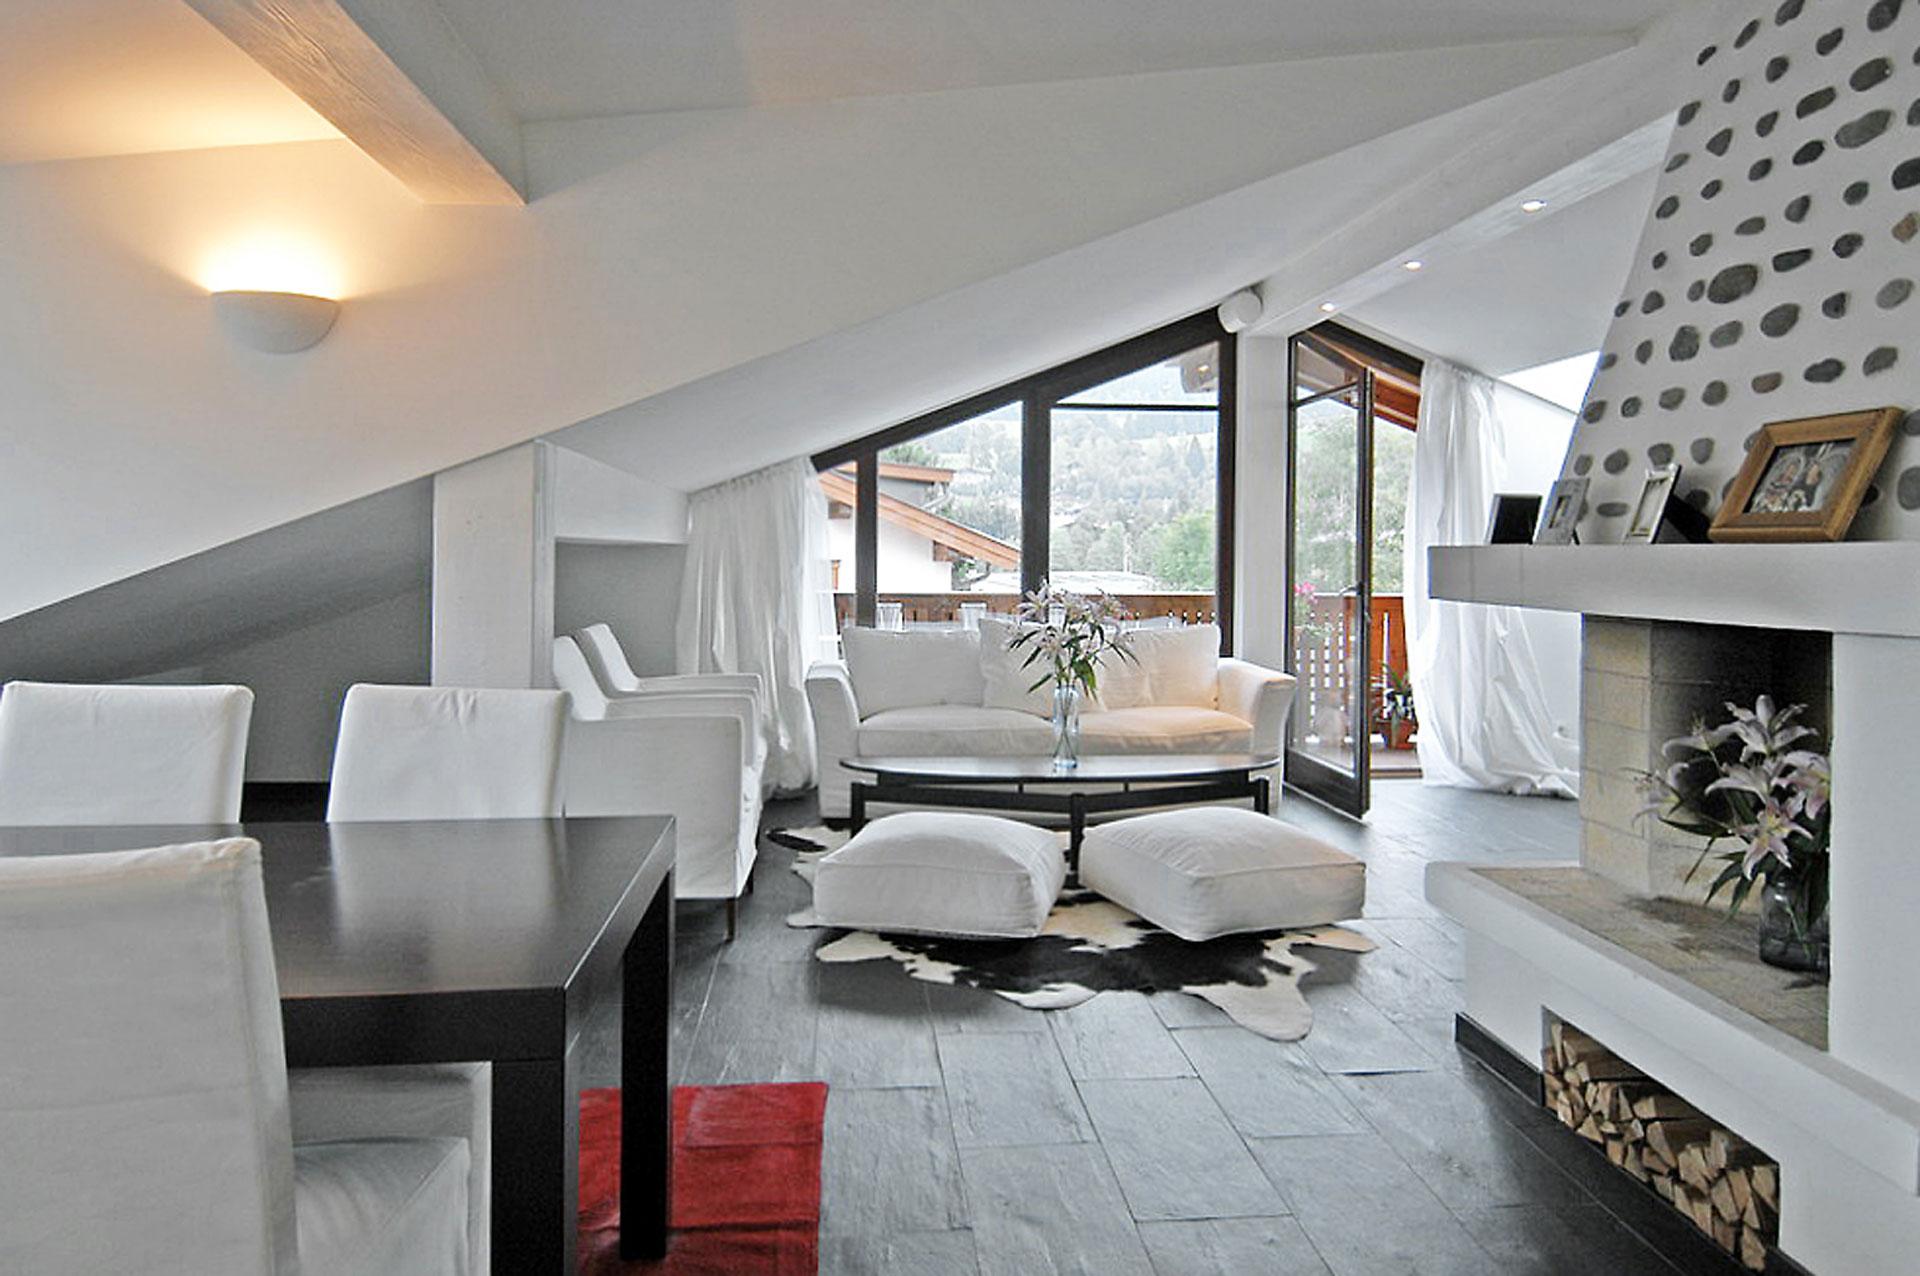 Attico Kitzbhuehel - Austria